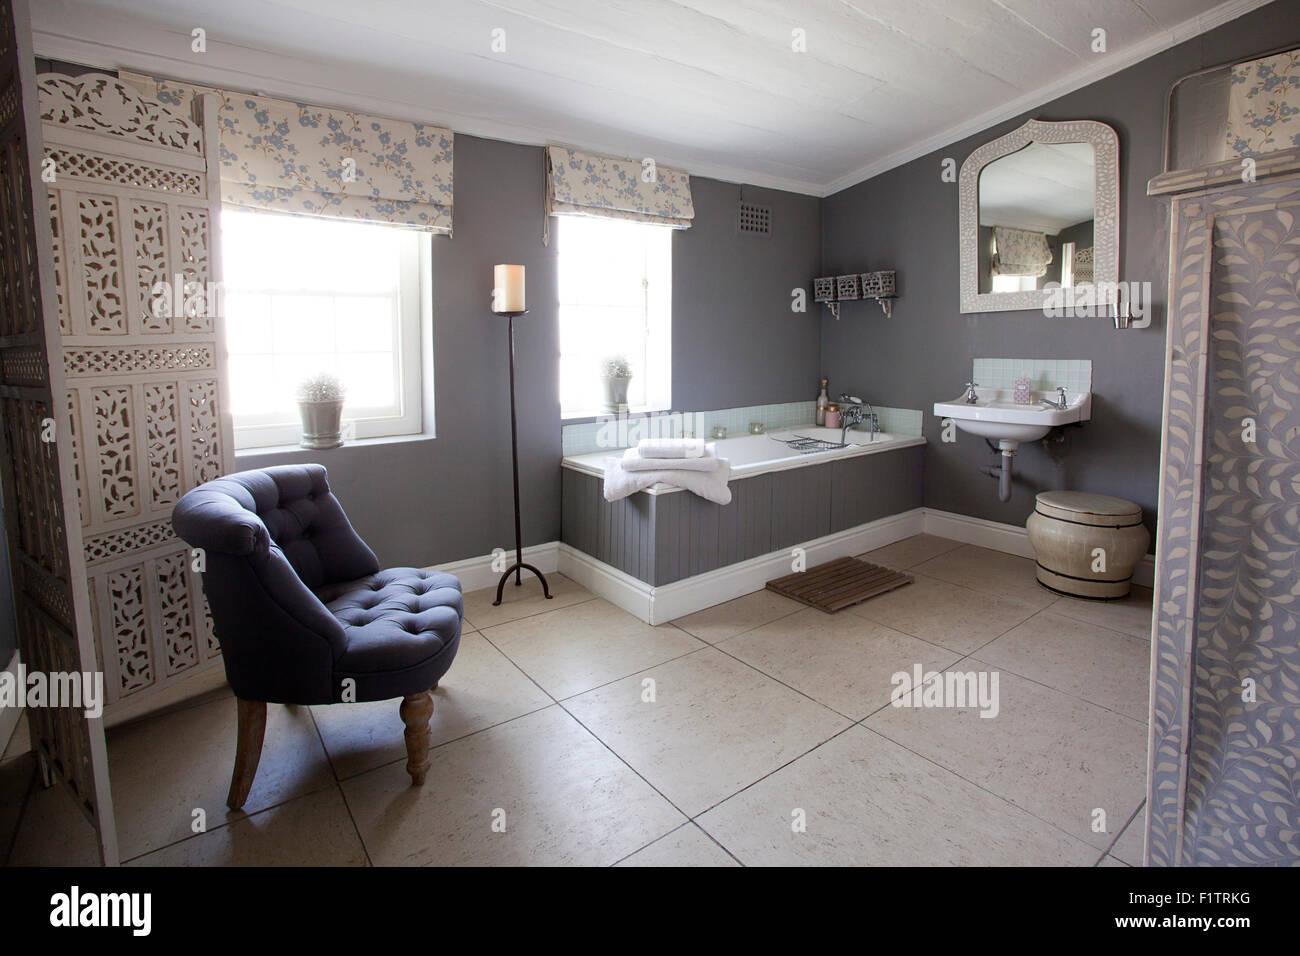 Innenraum Foto eines en Suite Badezimmer Stockfoto, Bild ...